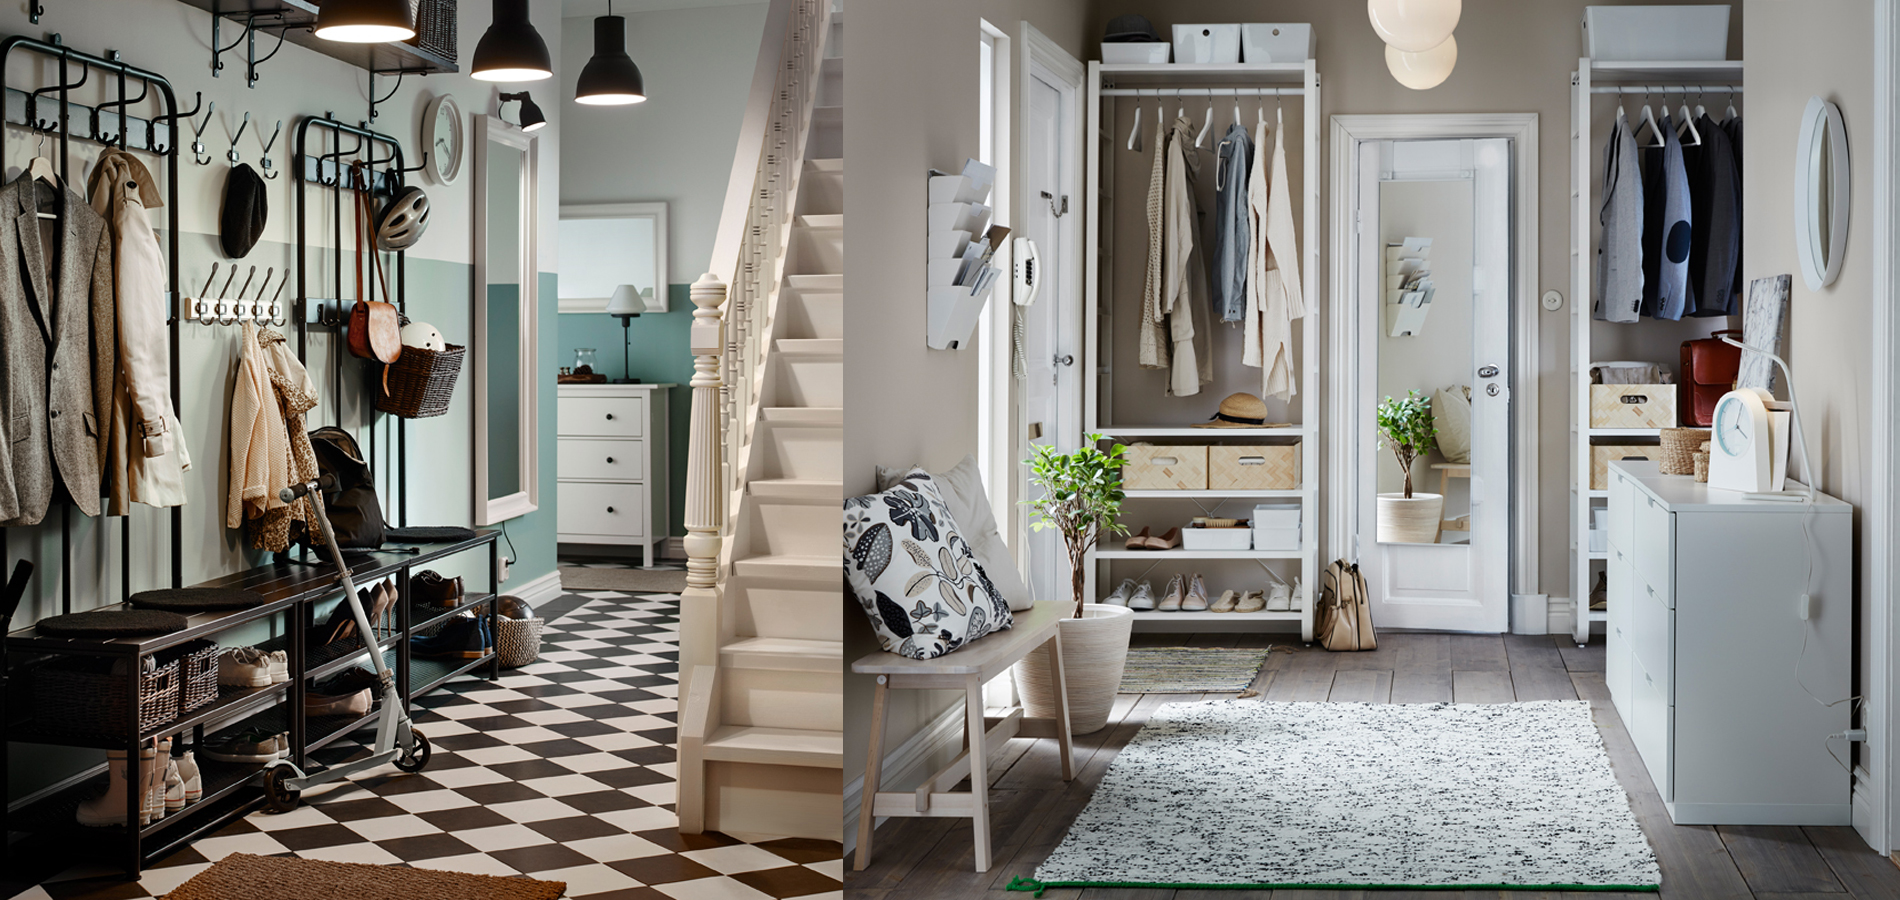 Décoration Petite Entrée Appartement décorer son entrée : nos conseils pour aménager cette pièce